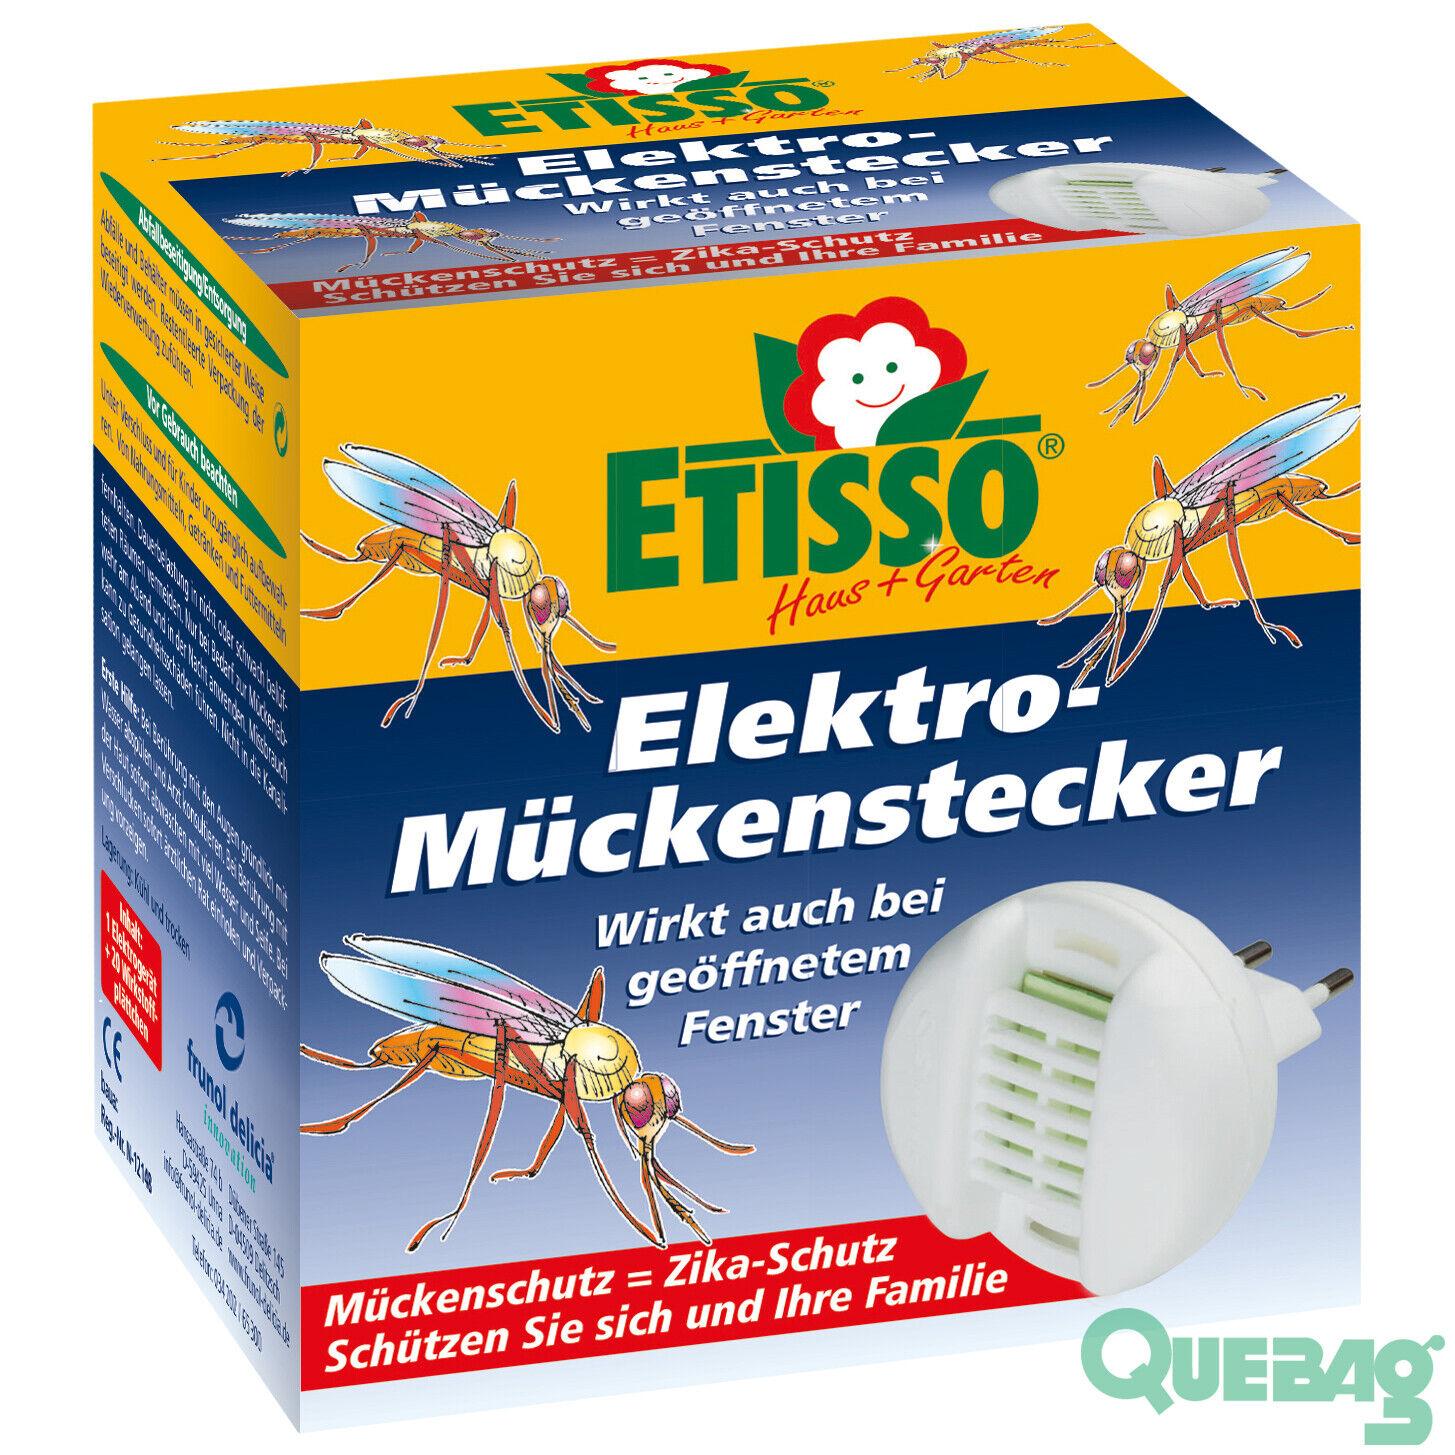 ETISSO Elektro-Mückenstecker + 20 Plättchen Zika Mücke Mückenabwehr Mückenschutz